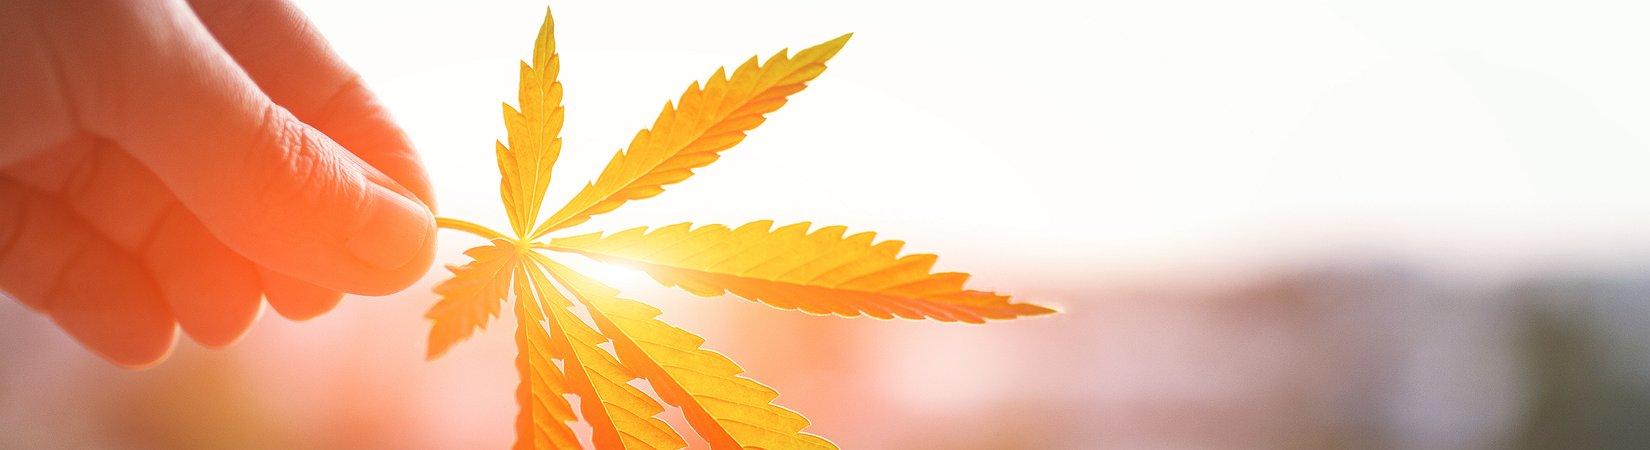 Una cittadina in California è stata comprata per diventare un'attrazione turistica dedicata alla marijuana